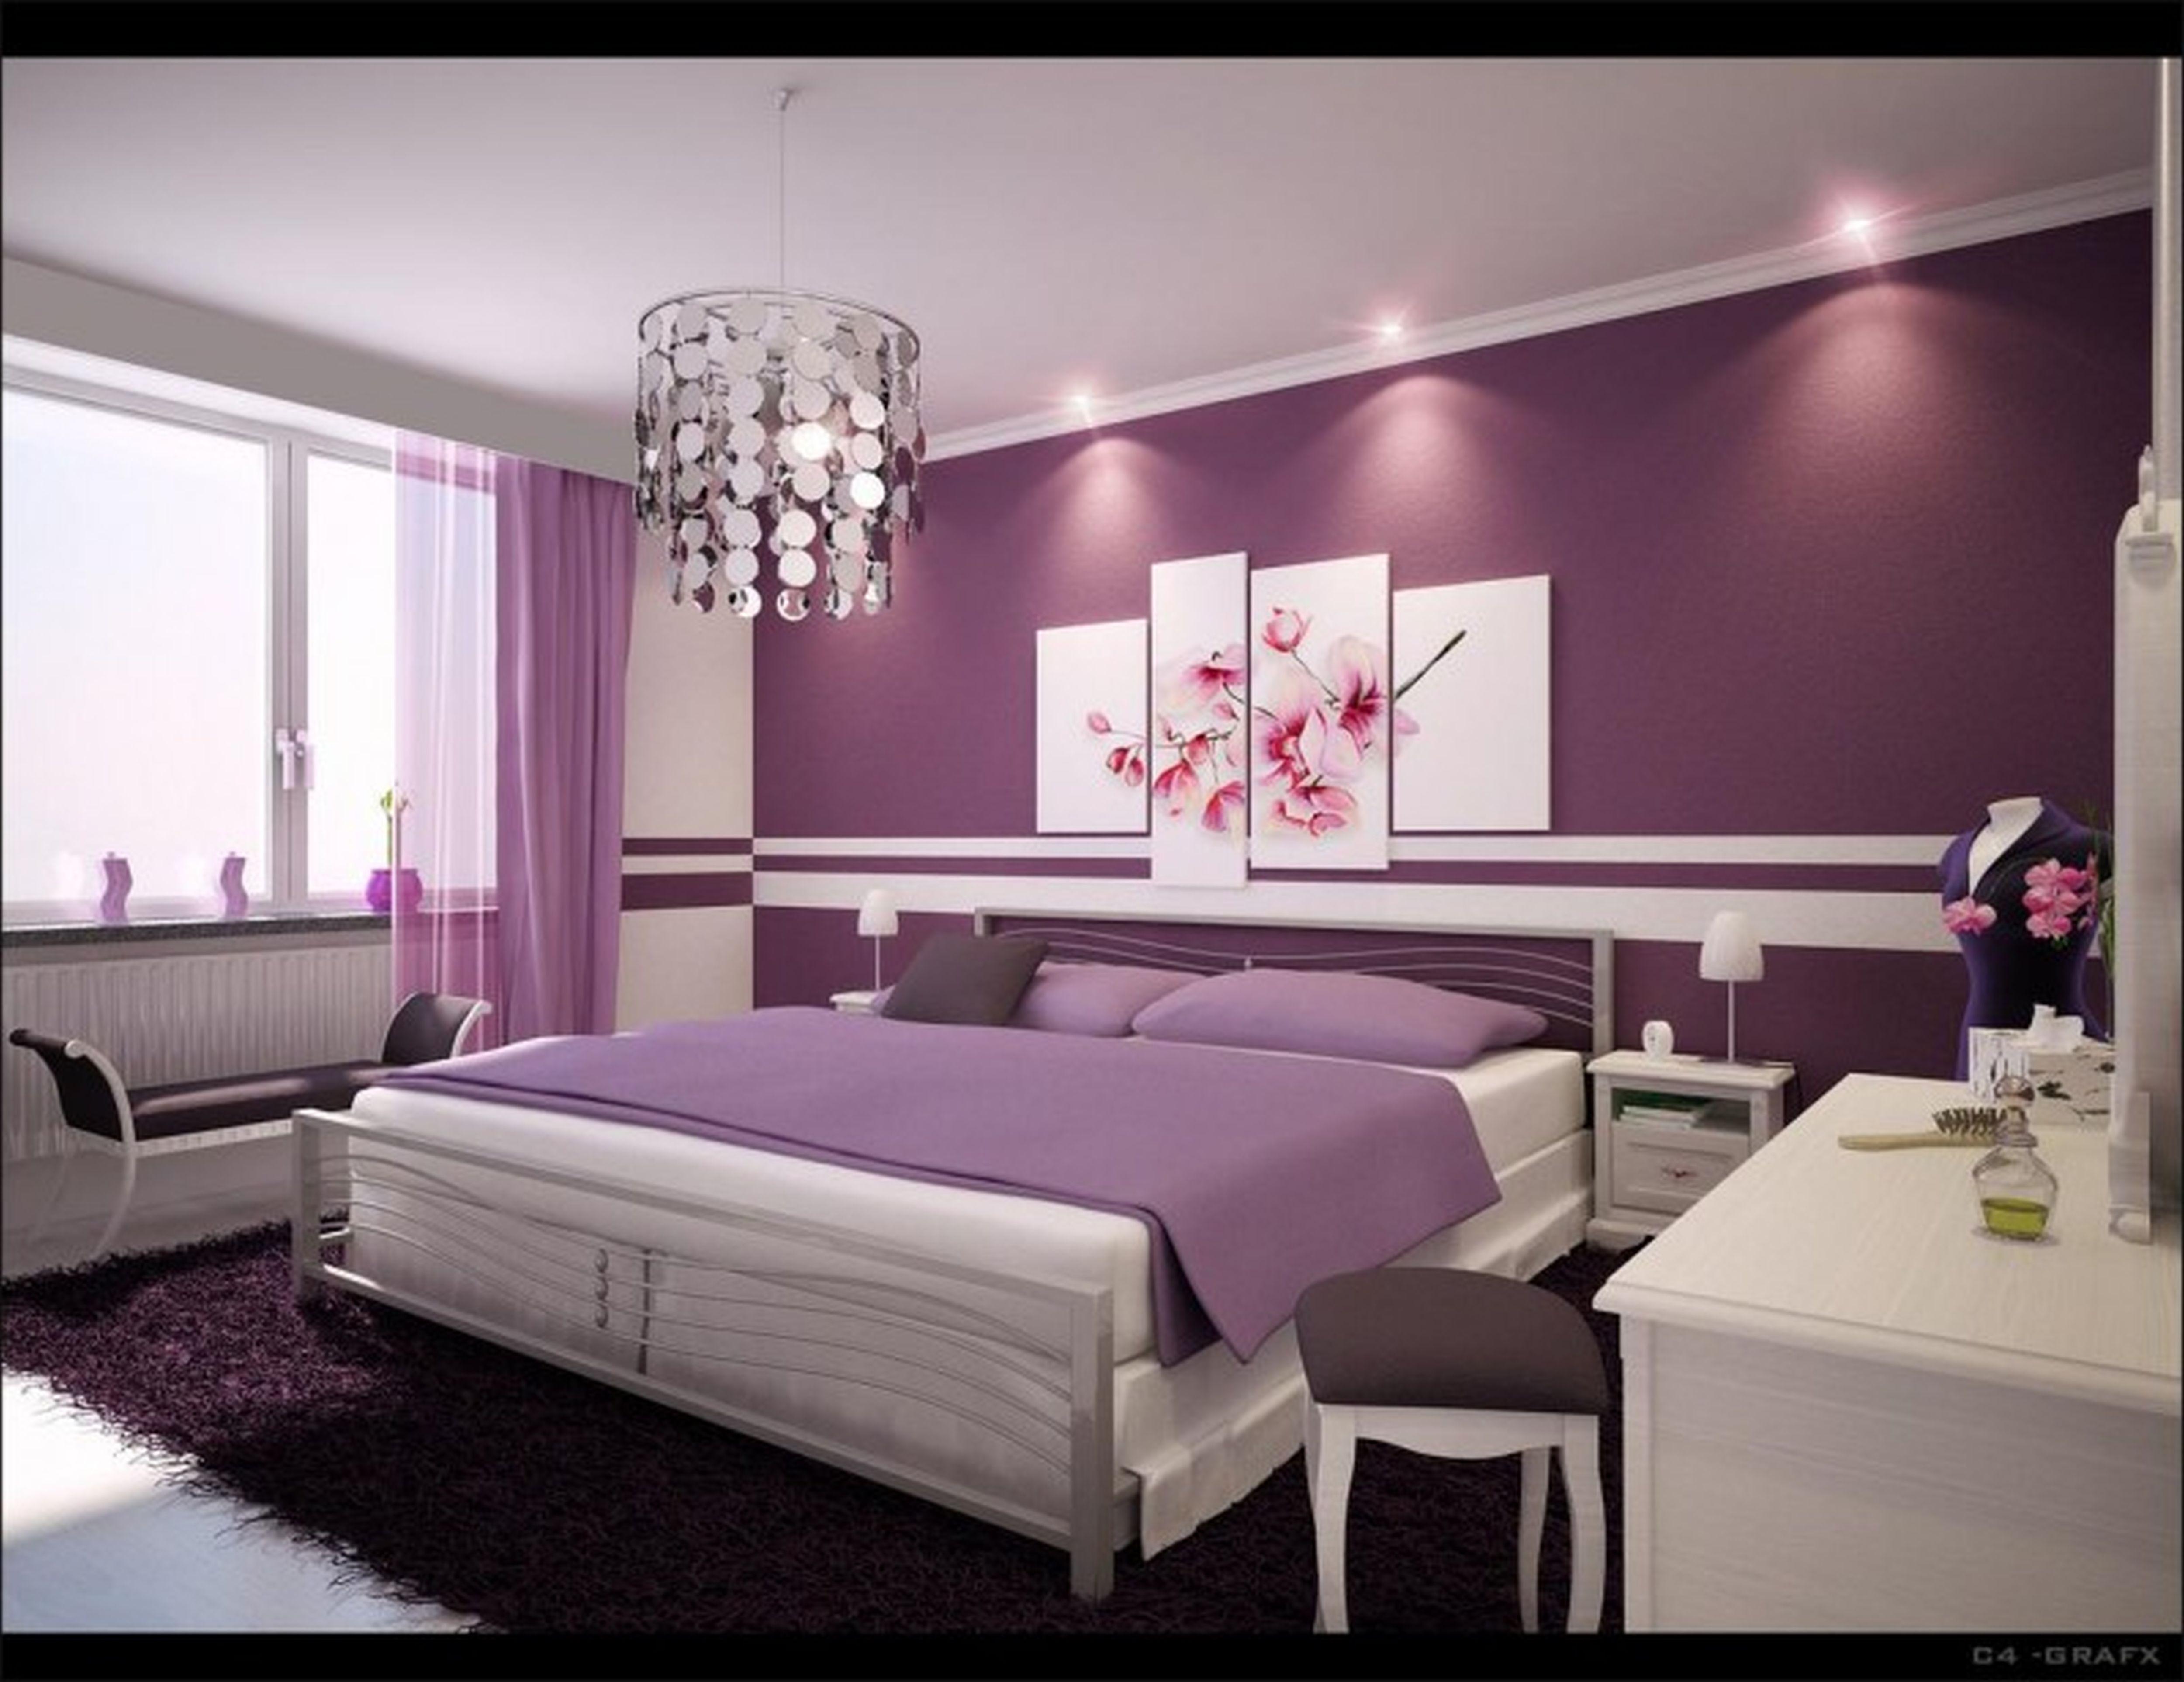 Wandfarbe schlafzimmer braunes bett bettdecken gr en - Braunes schlafzimmer ...